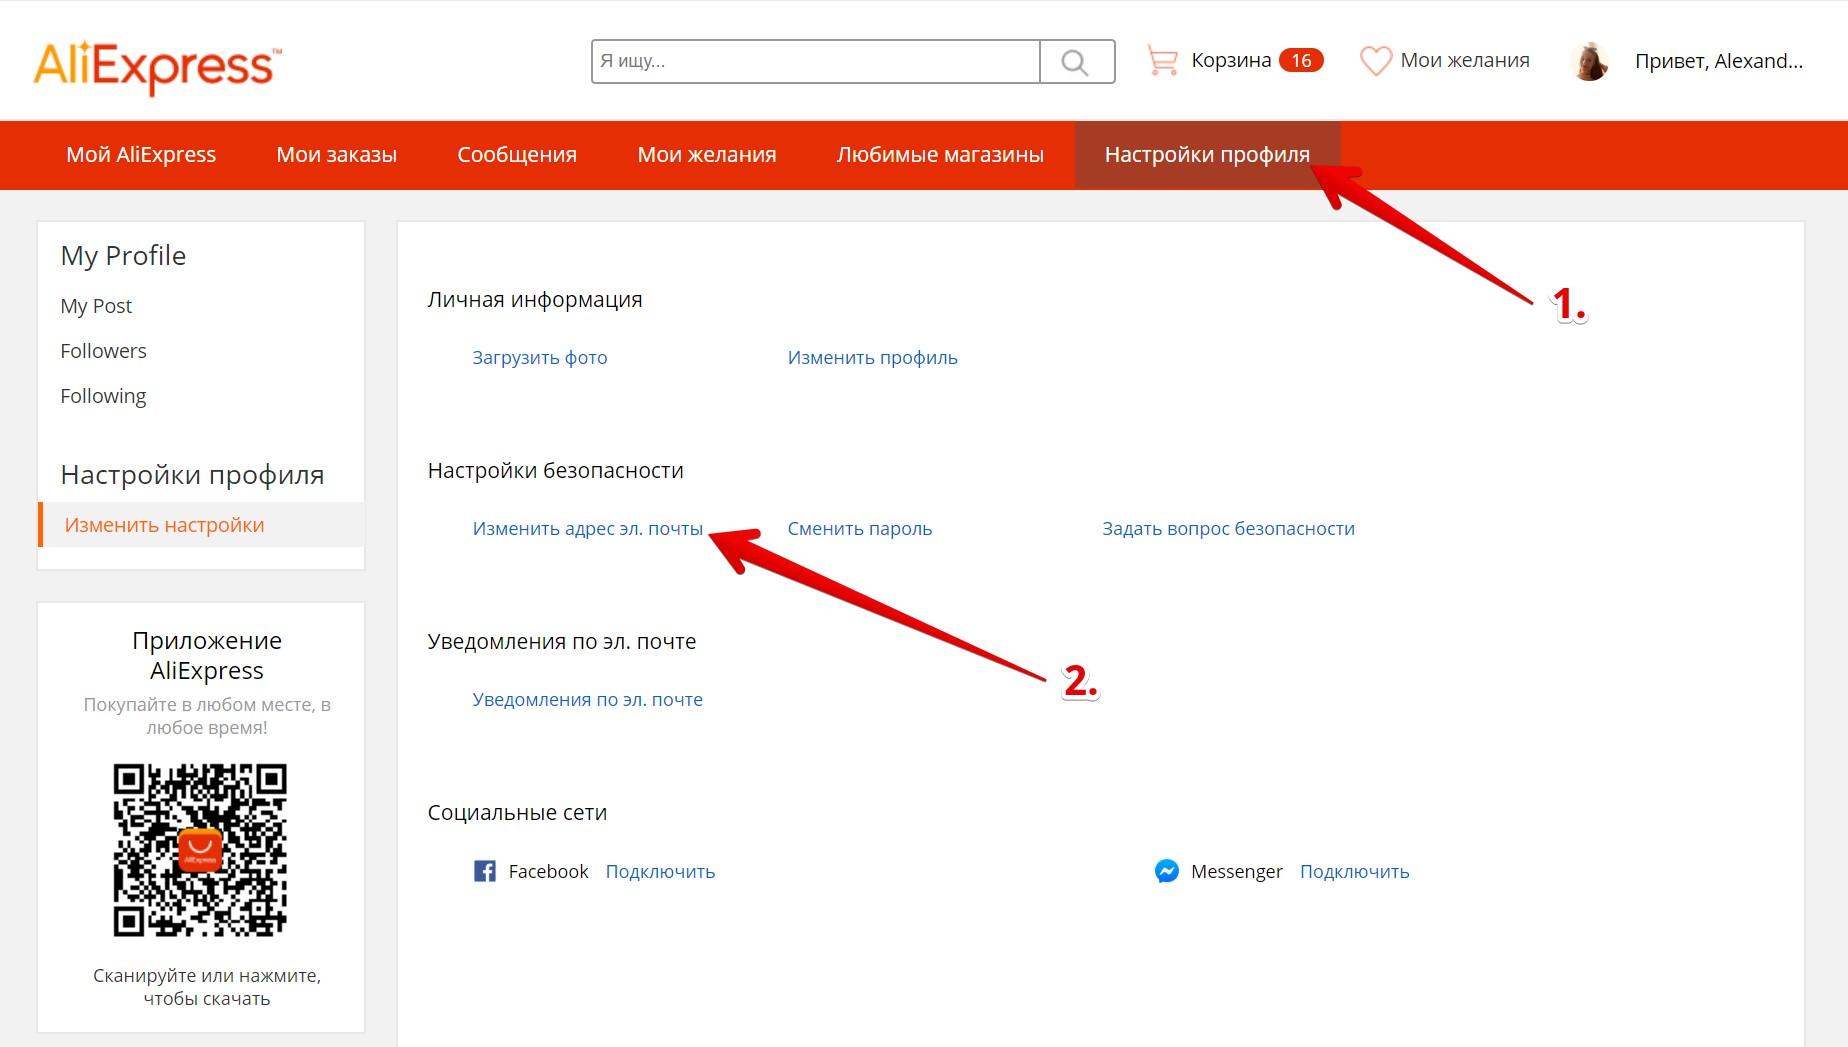 Как изменить или добавить адрес электронной почты на алиэкспресс?